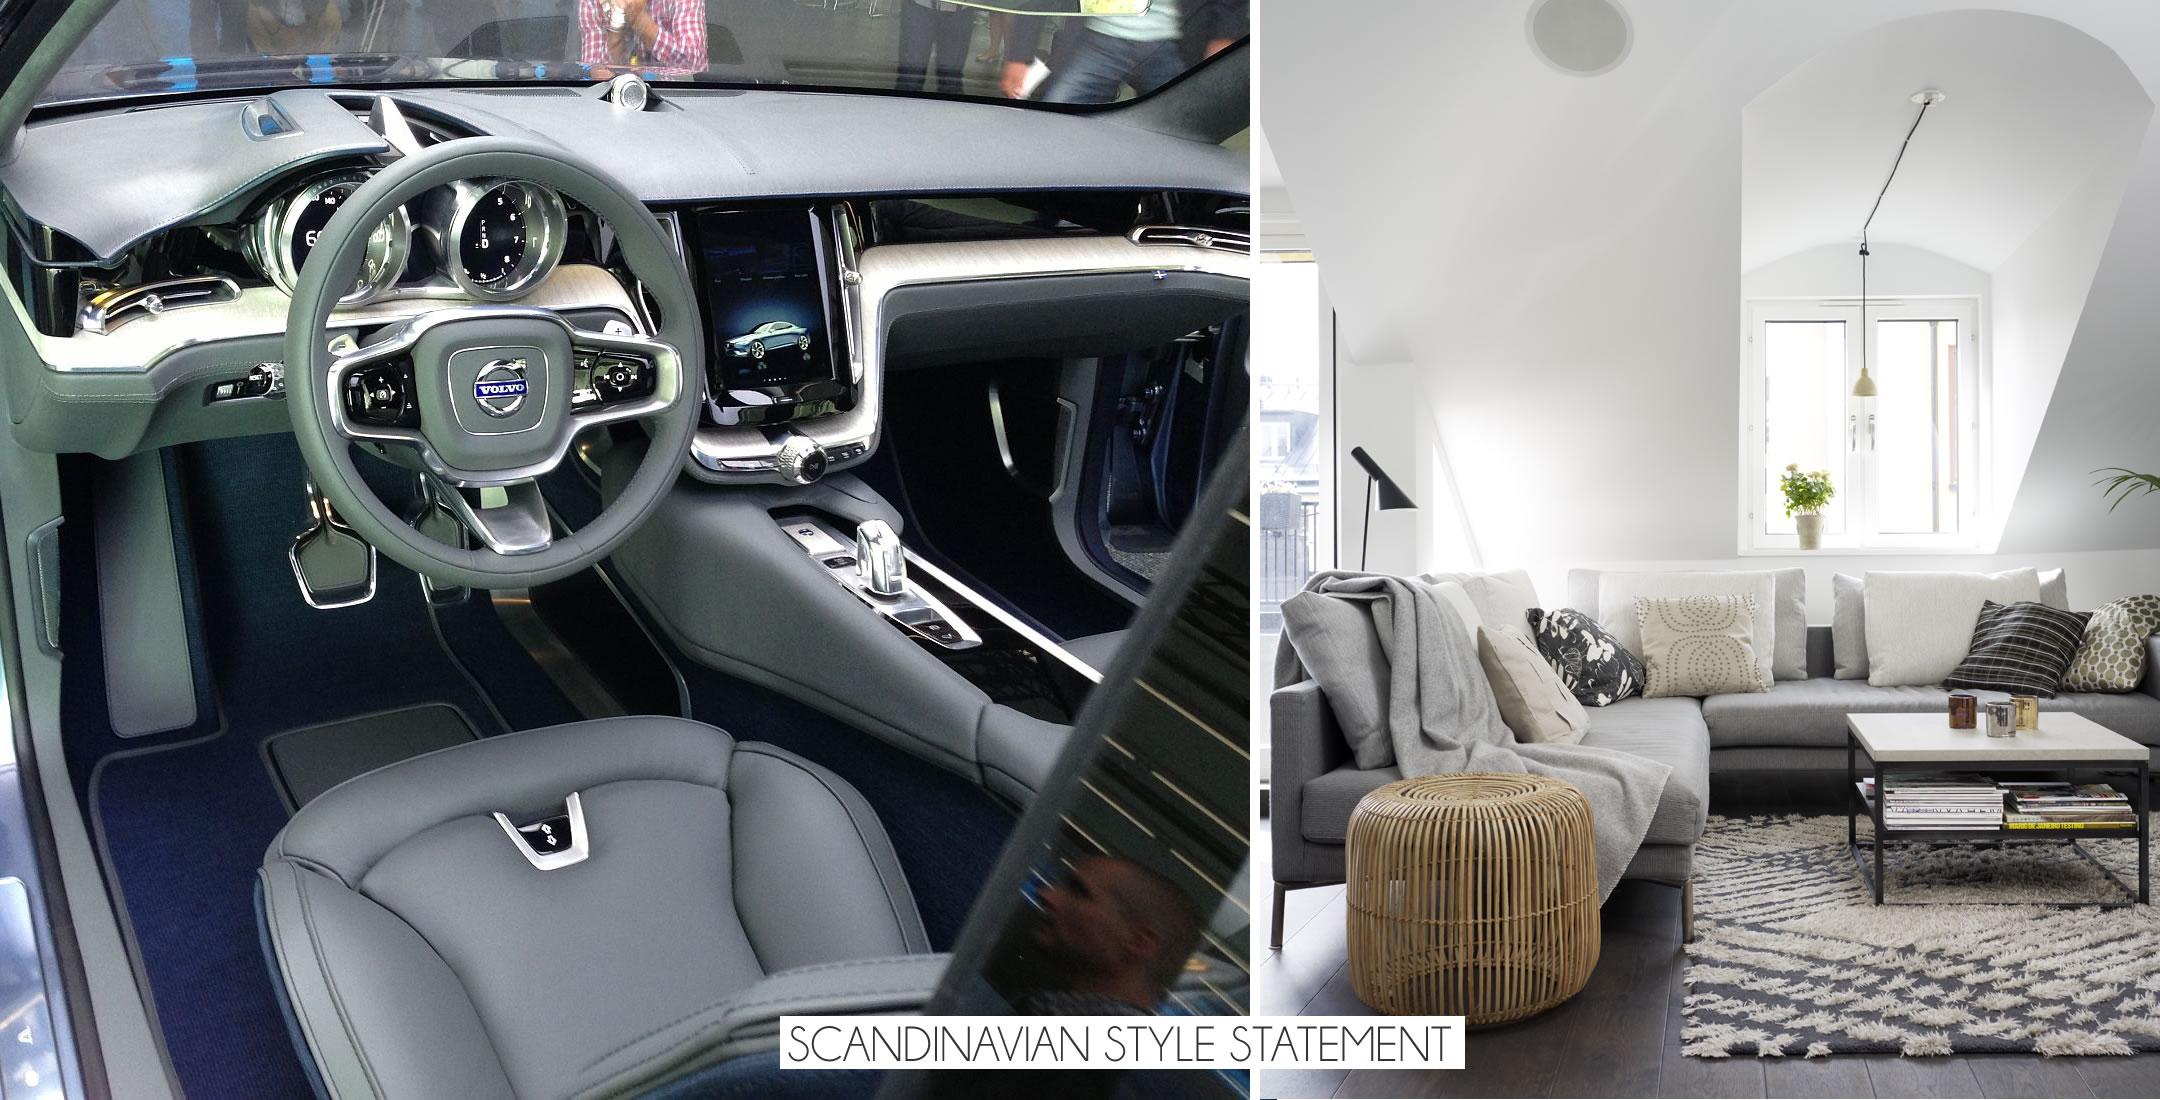 Коллаж фотографий: дизайн интерьера гостиной и приборная панель авто Coupe Concep